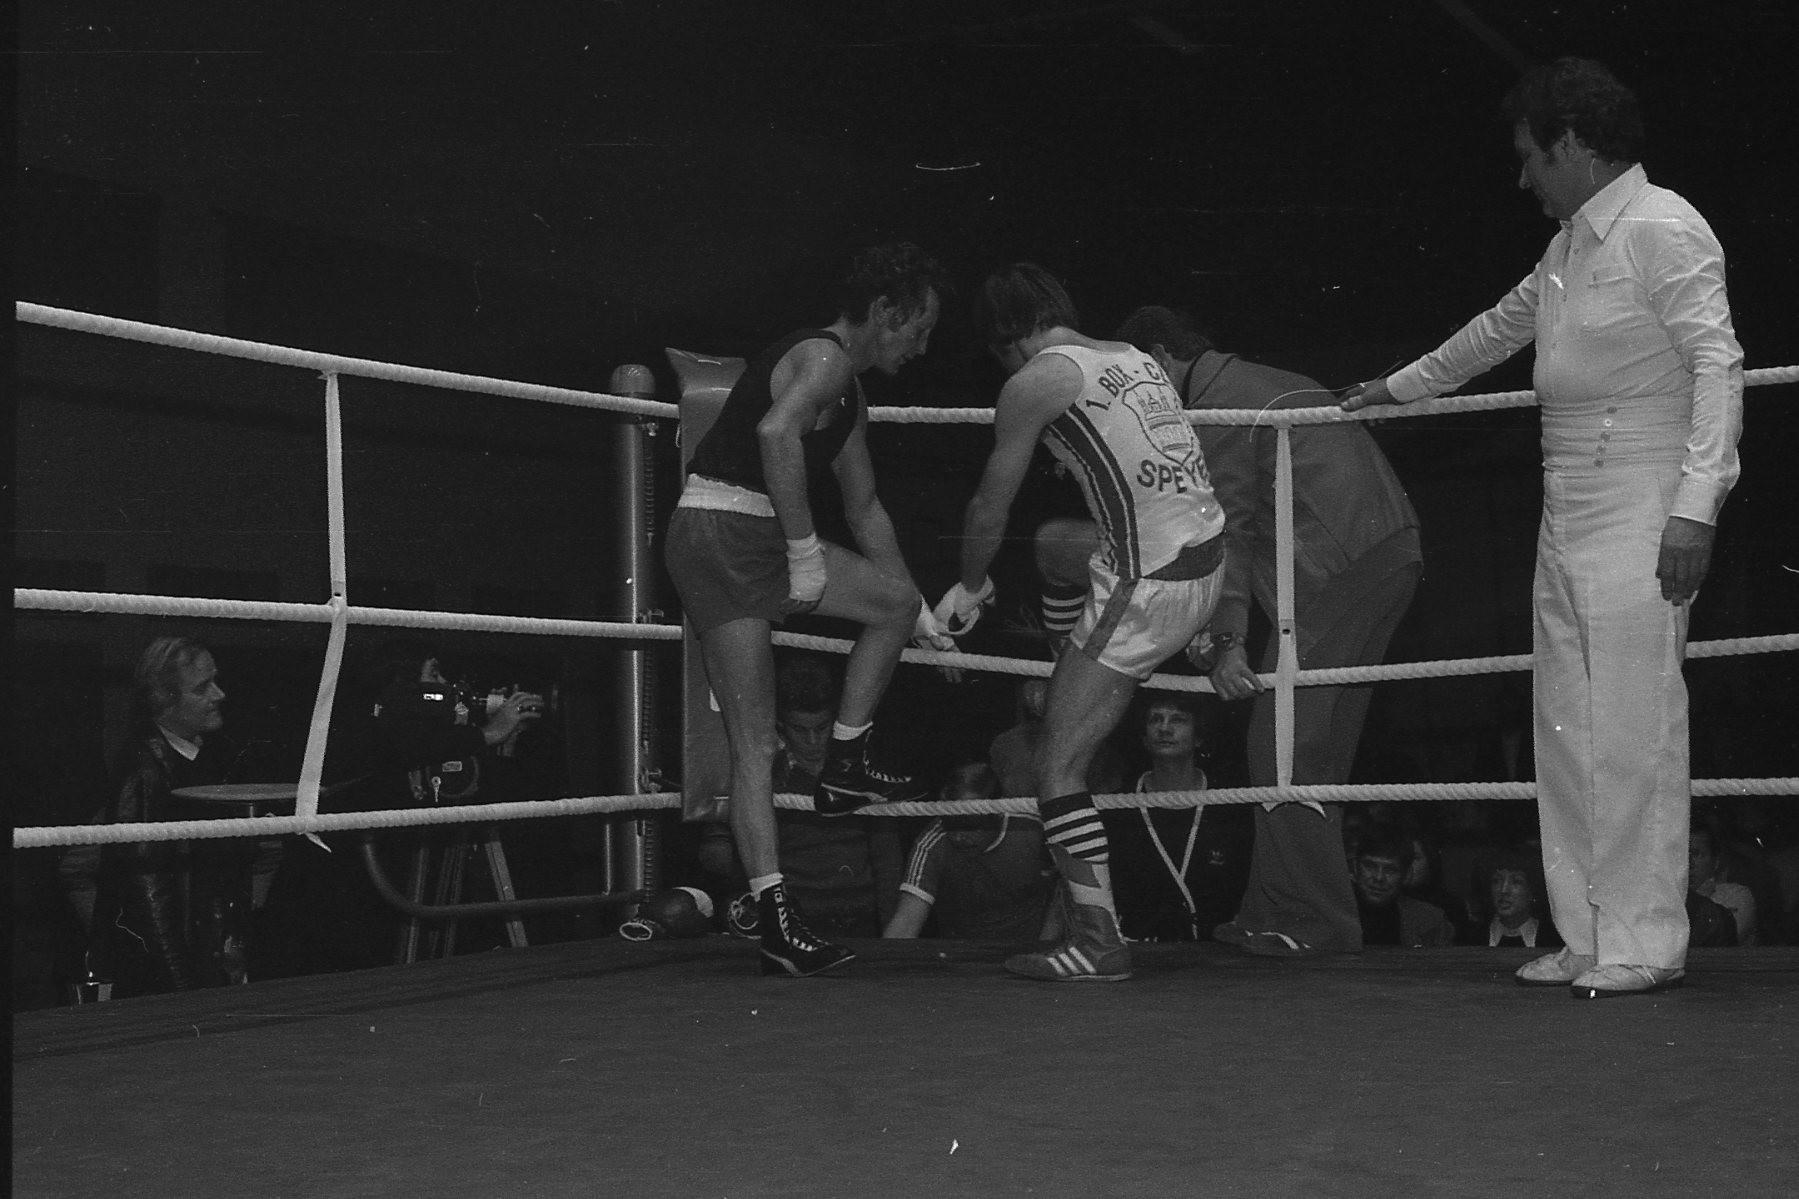 v.l. Rudi Moos sportlich und fair